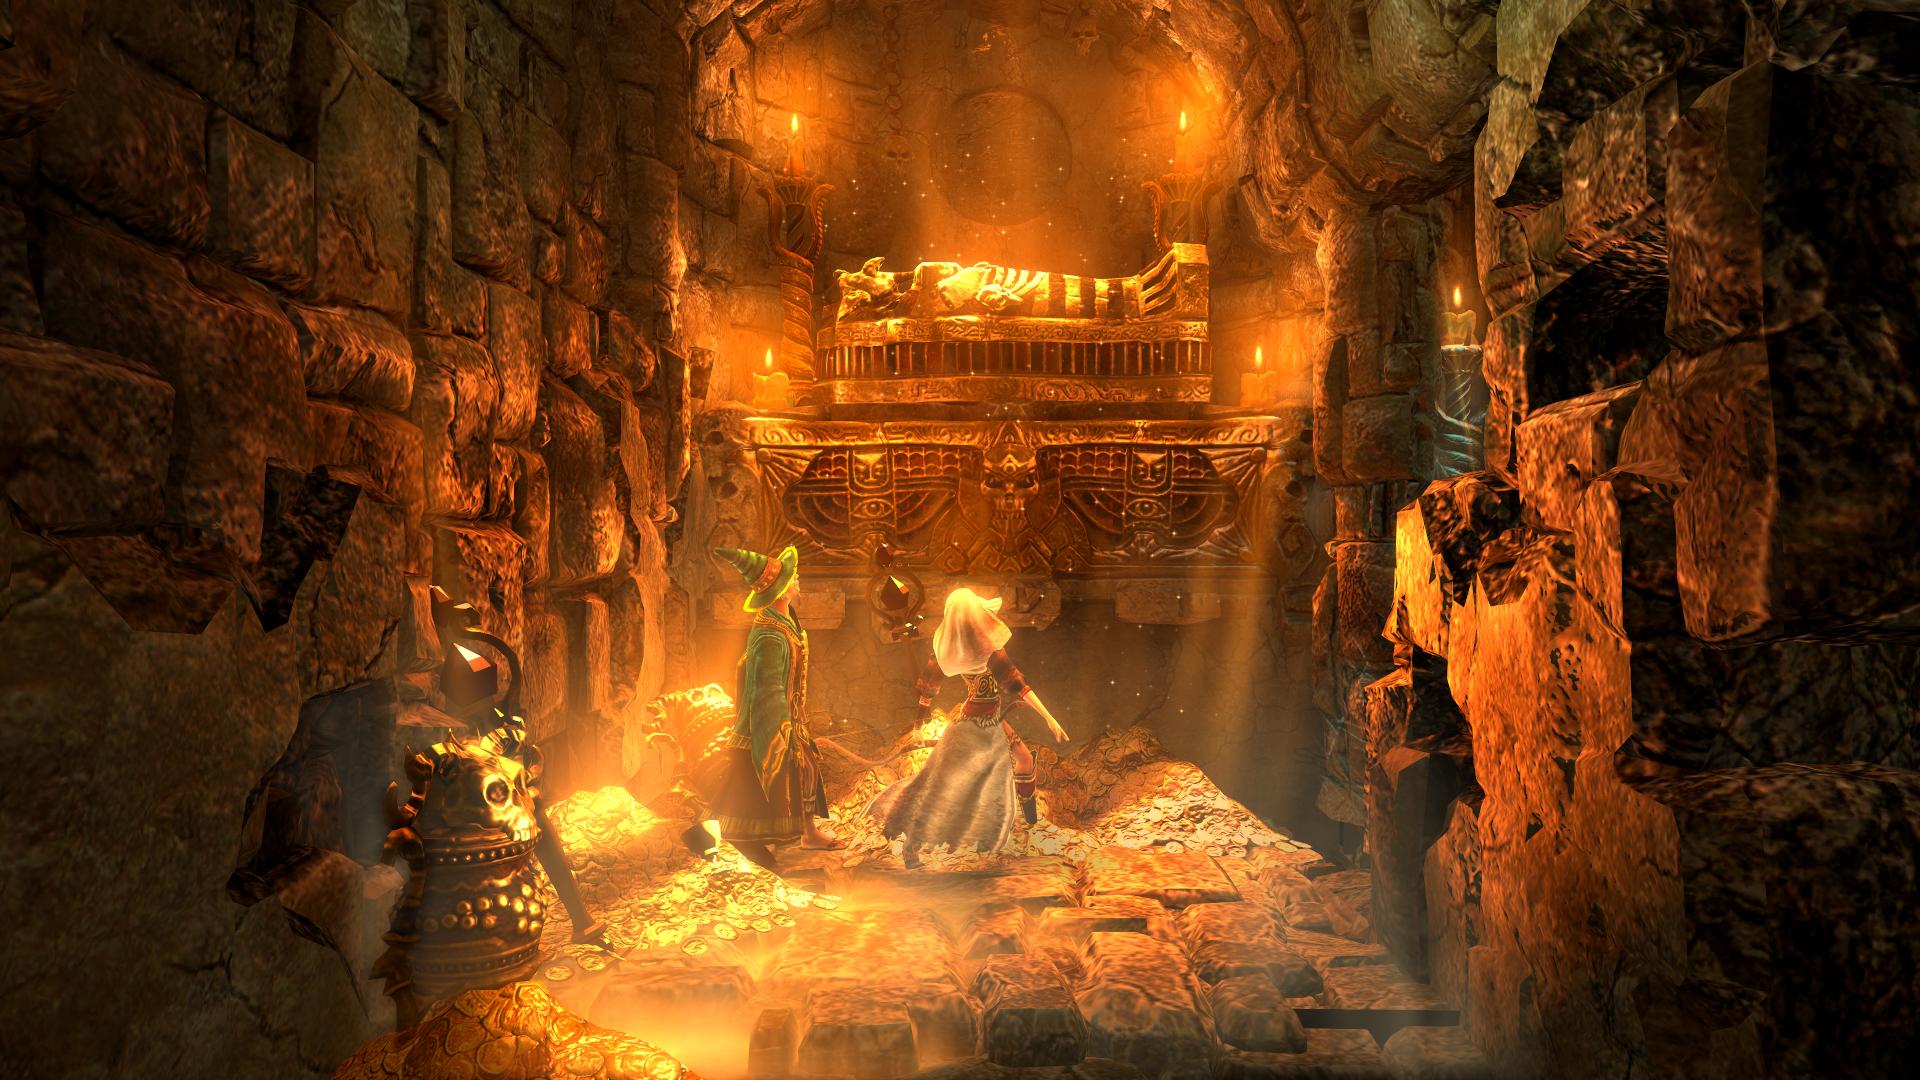 The hobbit 2 summary